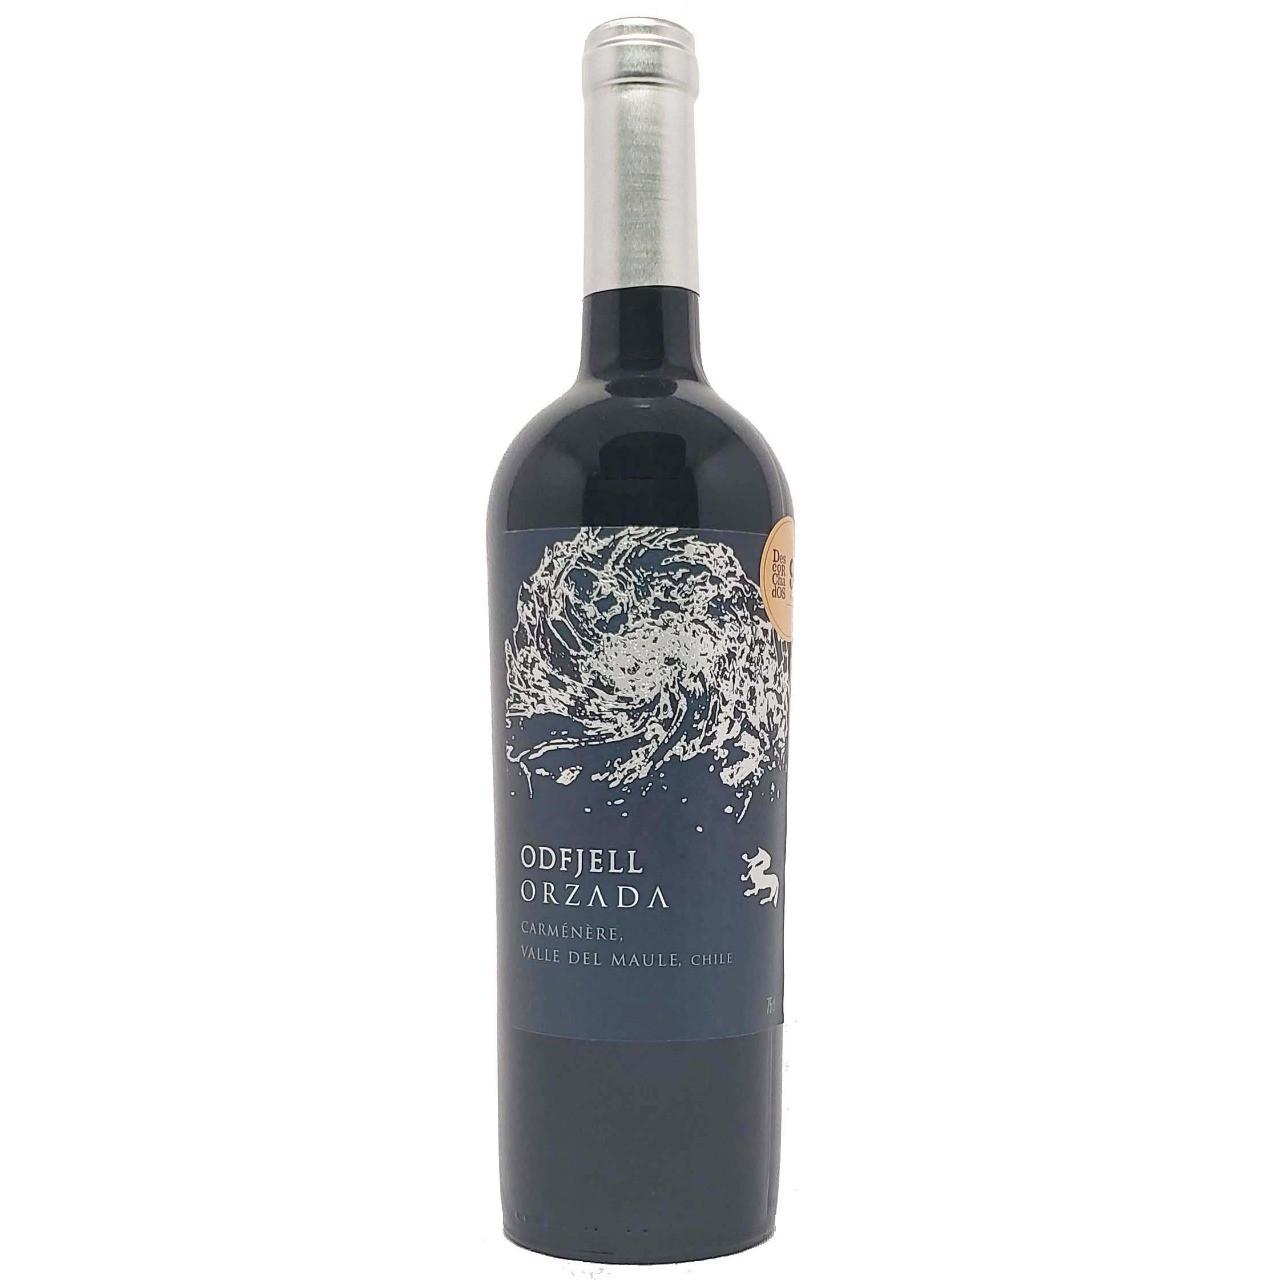 Vinho Tinto ODFJELL Orzada Carménère - 750ml -